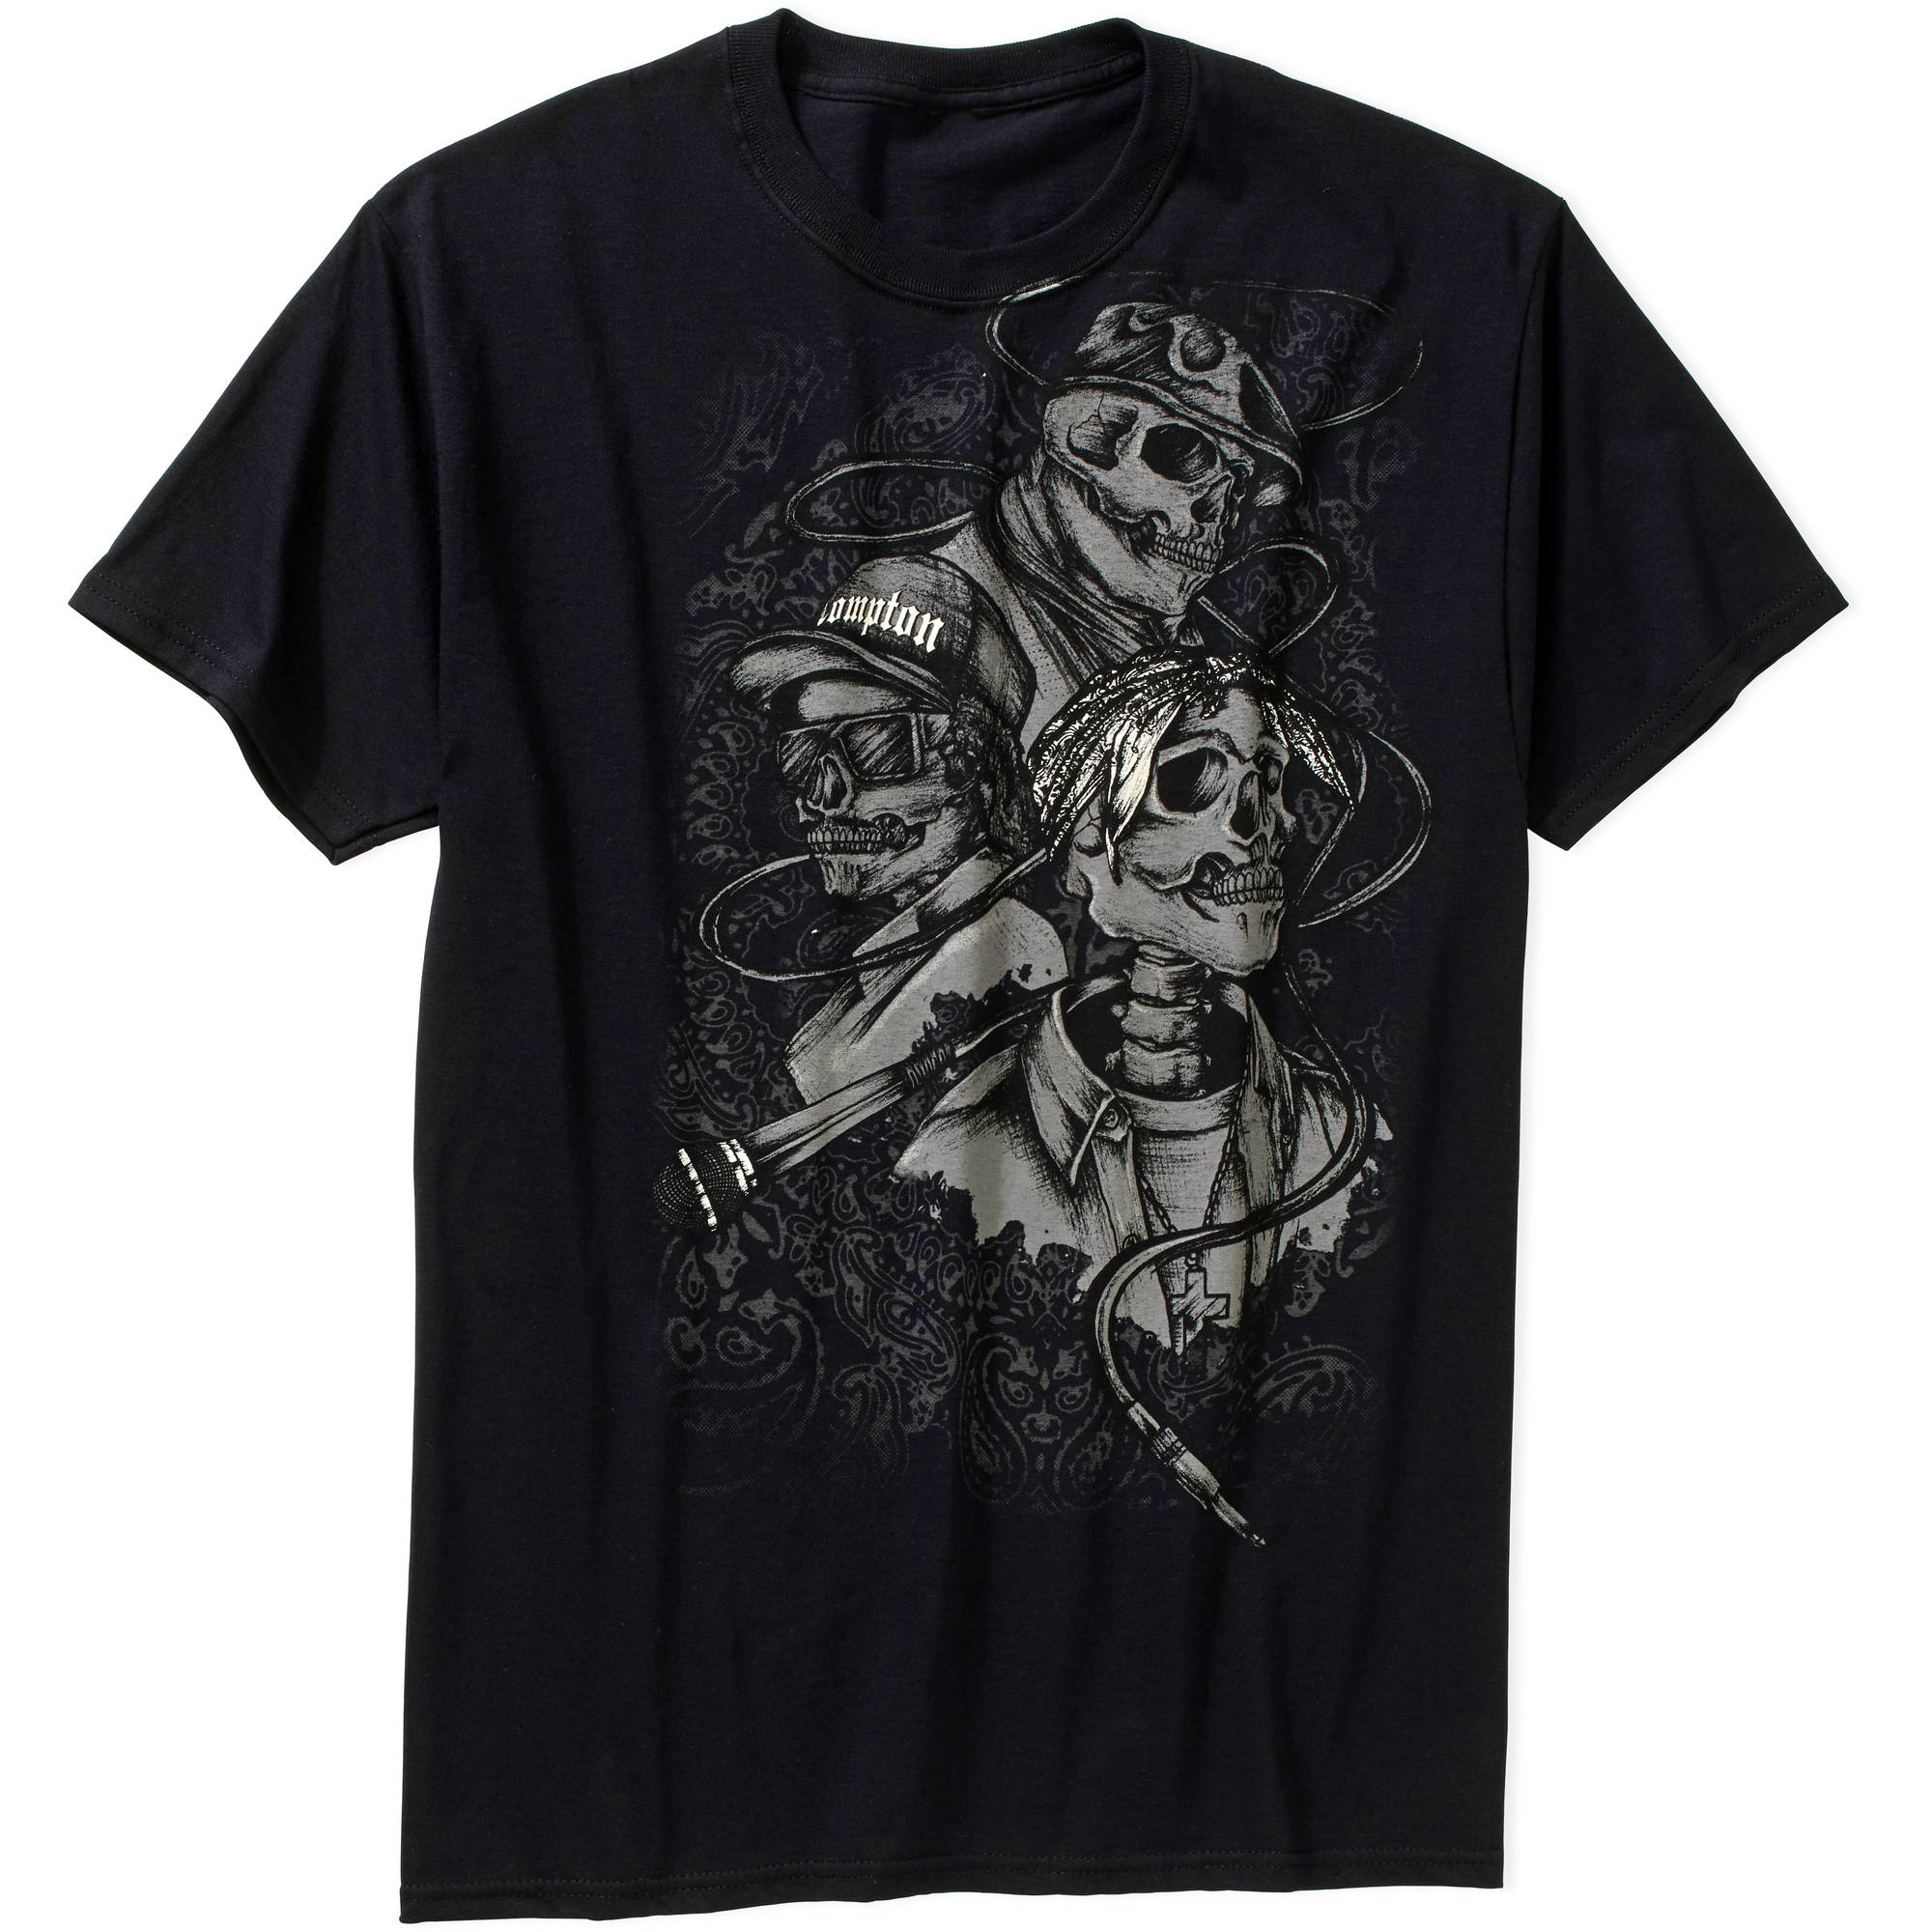 Skulls 3 Heads Classic Big and Tall T Shirt  Black Pro Club Street Wear Tee